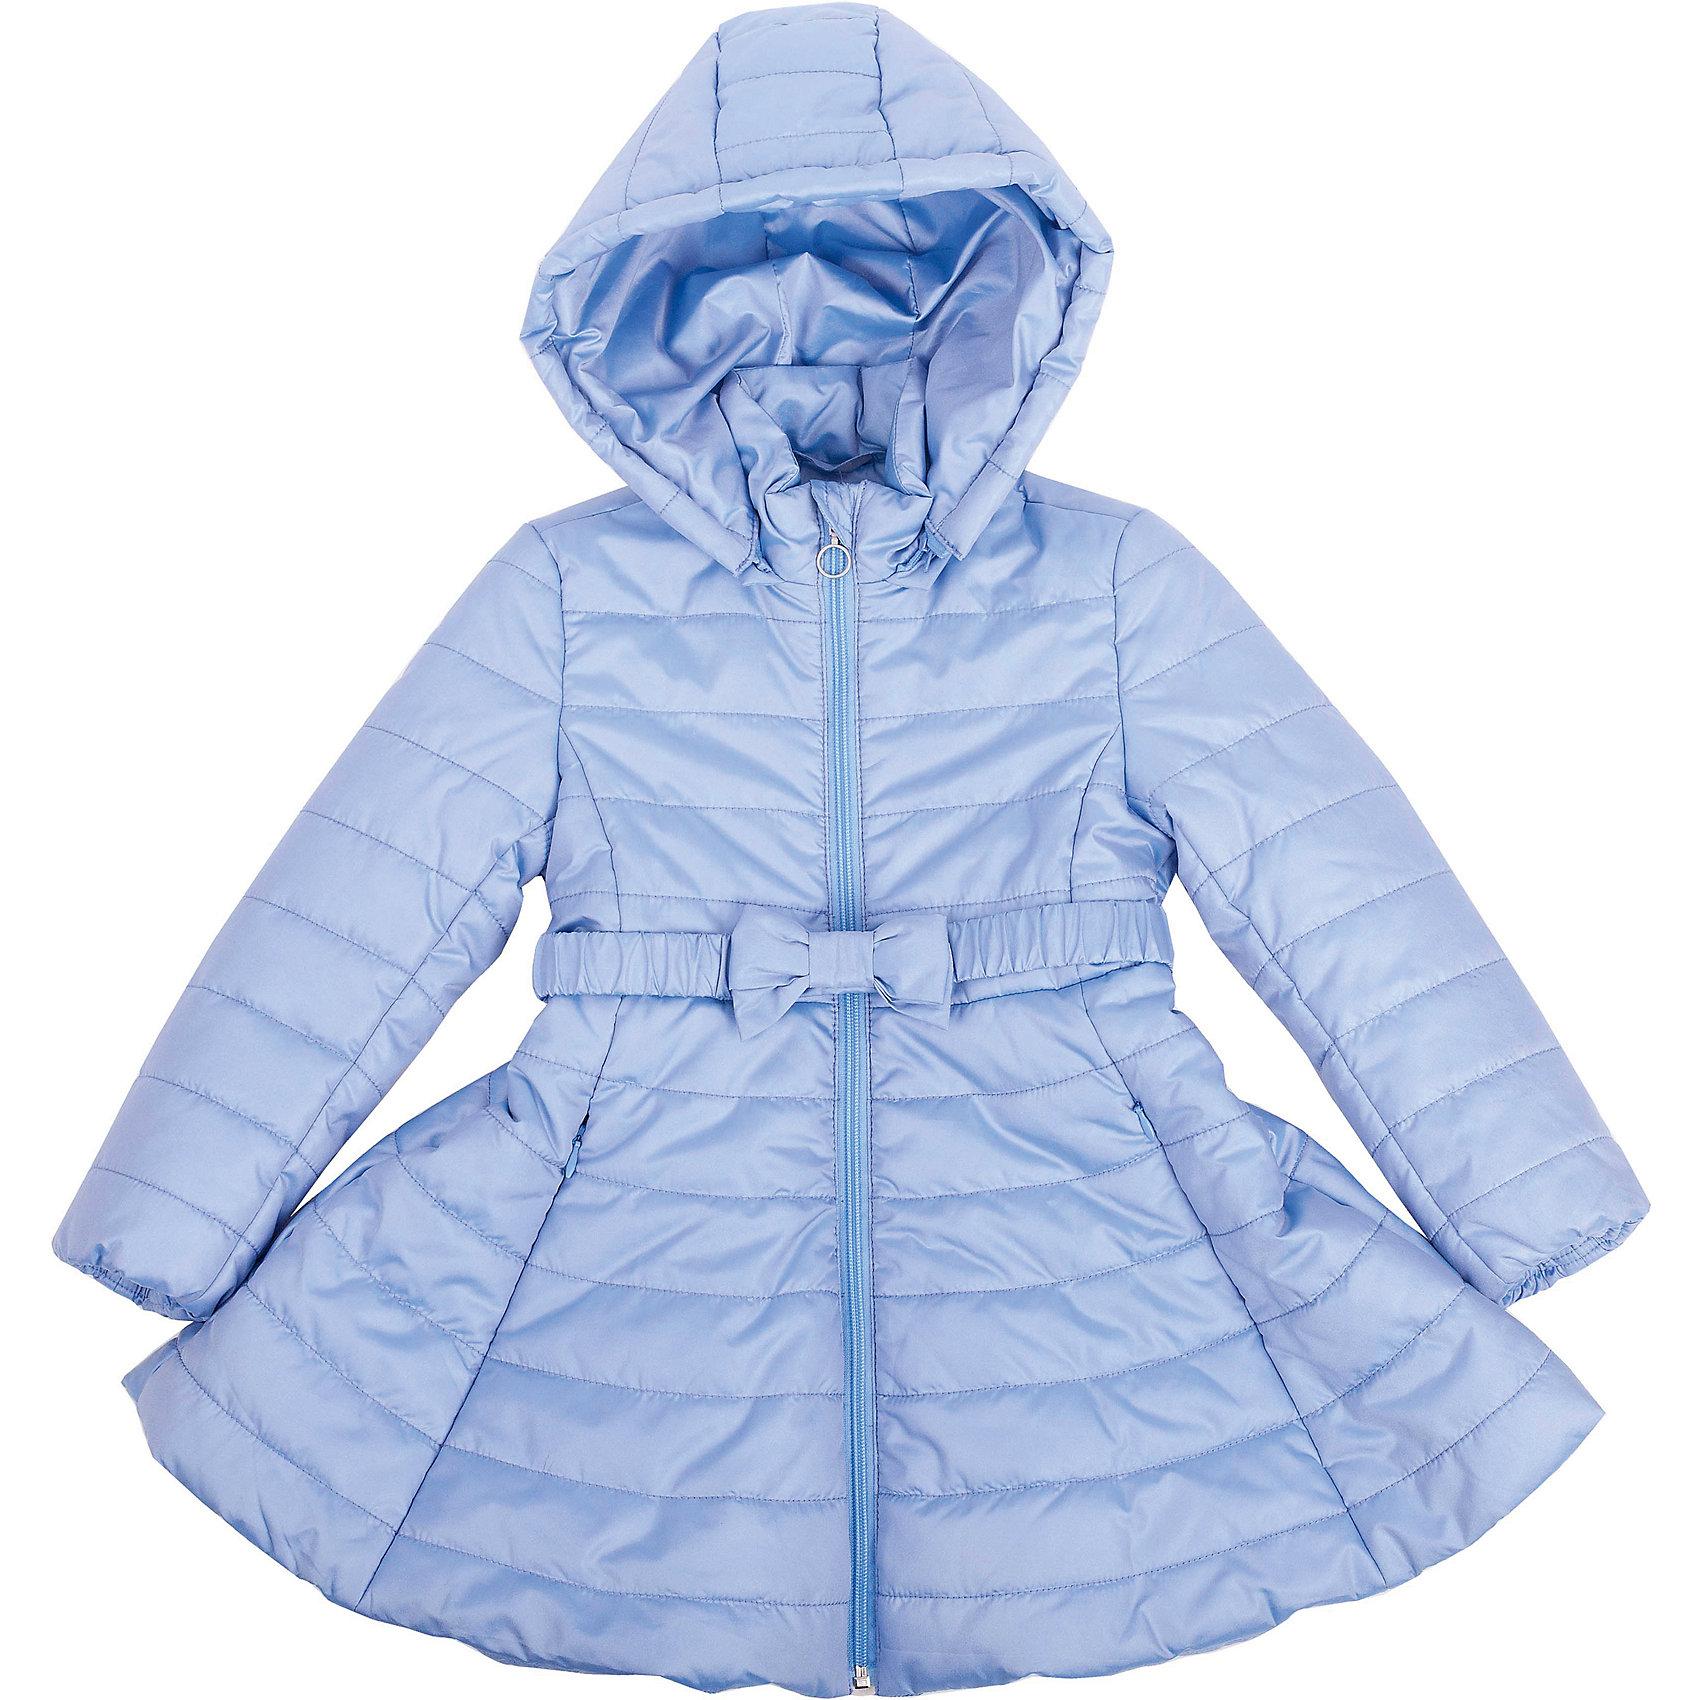 Пальто для девочки GulliverКупить модное весеннее пальто для девочки - задача не из простых! Оно должно быть легким, интересным, практичным, но, главное, должно нравиться своей обладательнице! Обратите внимание на эту модель! Свежий голубой цвет, модный расклешенный силуэт, яркая подкладка с оригинальным рисунком выделяет это пальто из числа других. В нем тепло и комфортно. Девочка в нем - настоящая модница! Купить красивое стеганое пальто на весну - значит позаботиться не только о здоровье, но и об отличном настроении юной леди! Стильное оригинальное пальто с игривым поясом - главная составляющая весеннего образа!<br>Состав:<br>верх: 80% полиэстер 20% нейлон;  подкладка: 100% хлопок; утеплитель: 100% полиэстер<br><br>Ширина мм: 356<br>Глубина мм: 10<br>Высота мм: 245<br>Вес г: 519<br>Цвет: синий<br>Возраст от месяцев: 36<br>Возраст до месяцев: 48<br>Пол: Женский<br>Возраст: Детский<br>Размер: 104,110,116,98<br>SKU: 4534627